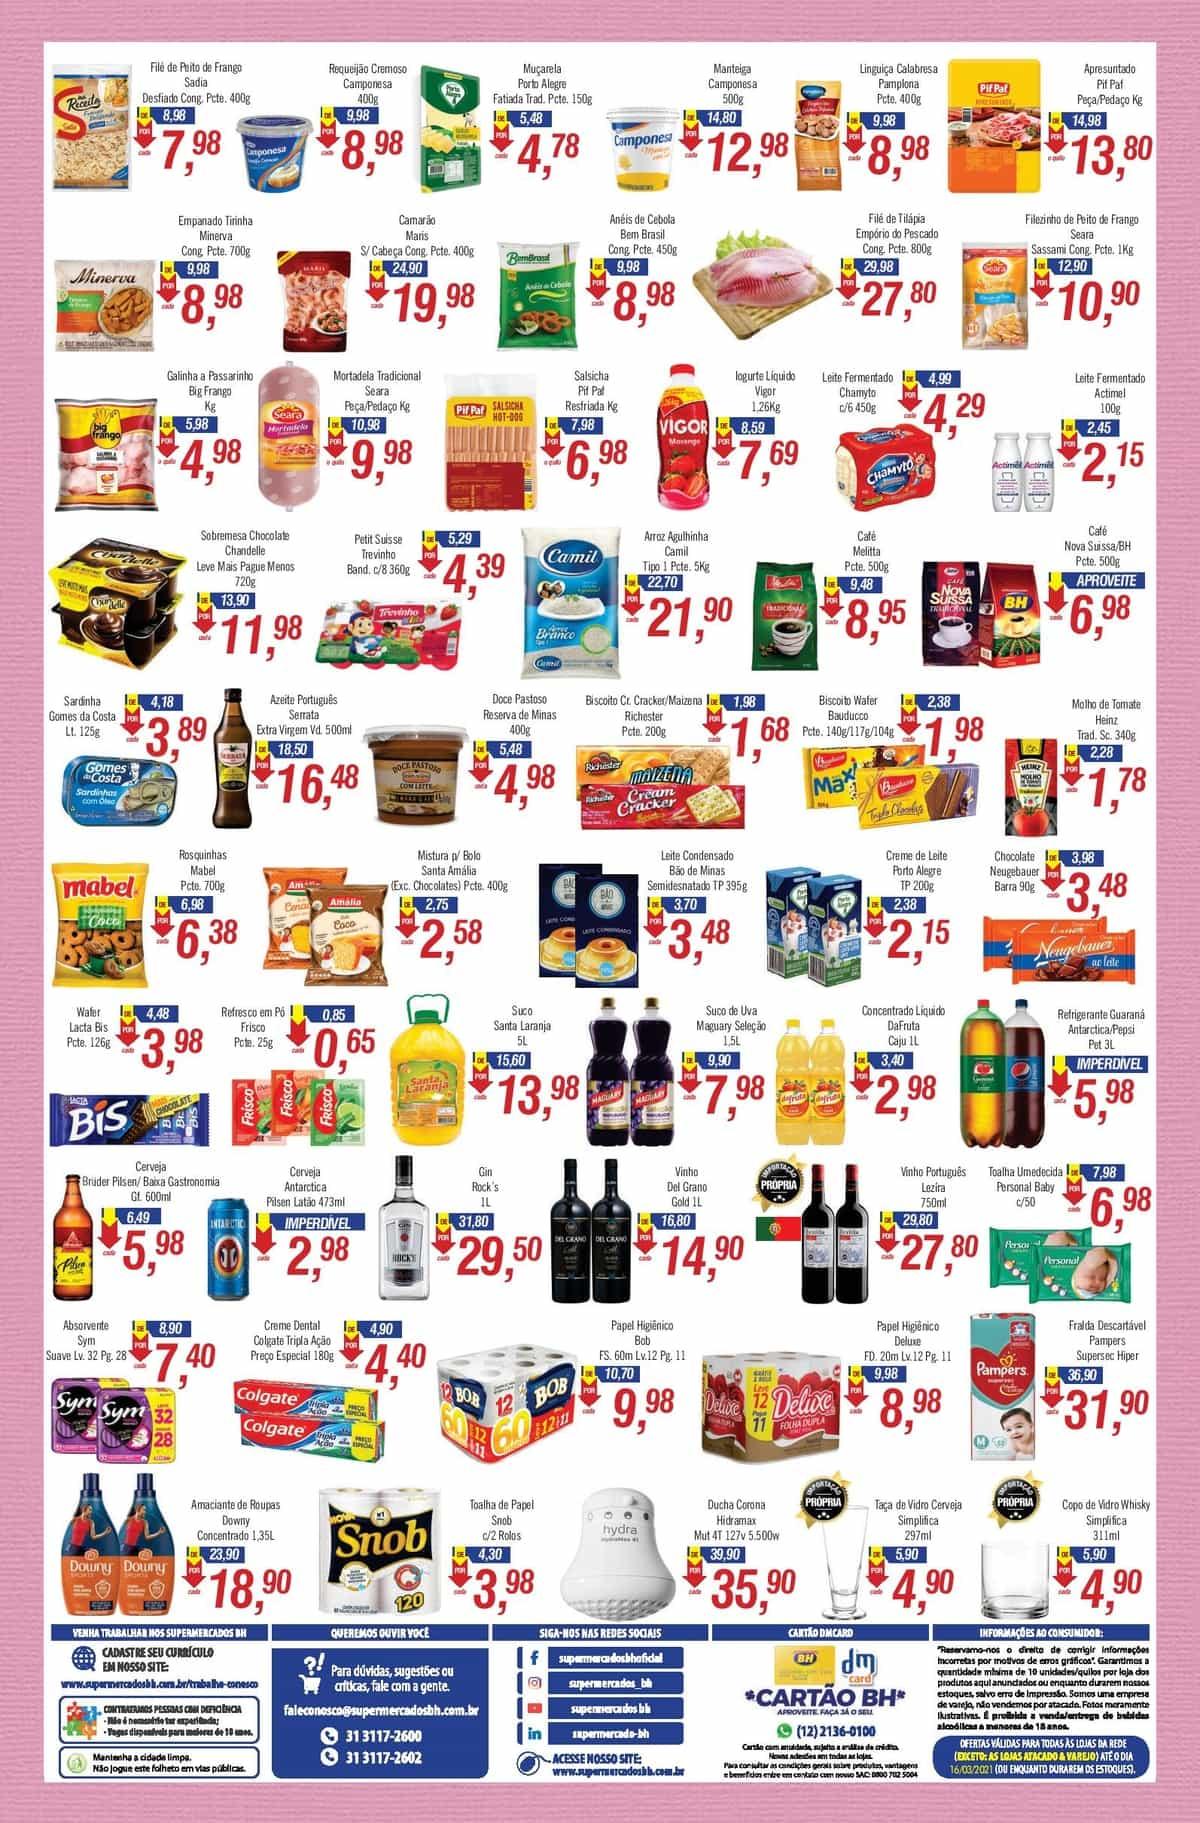 Ofertas Supermercados BH até 16/03